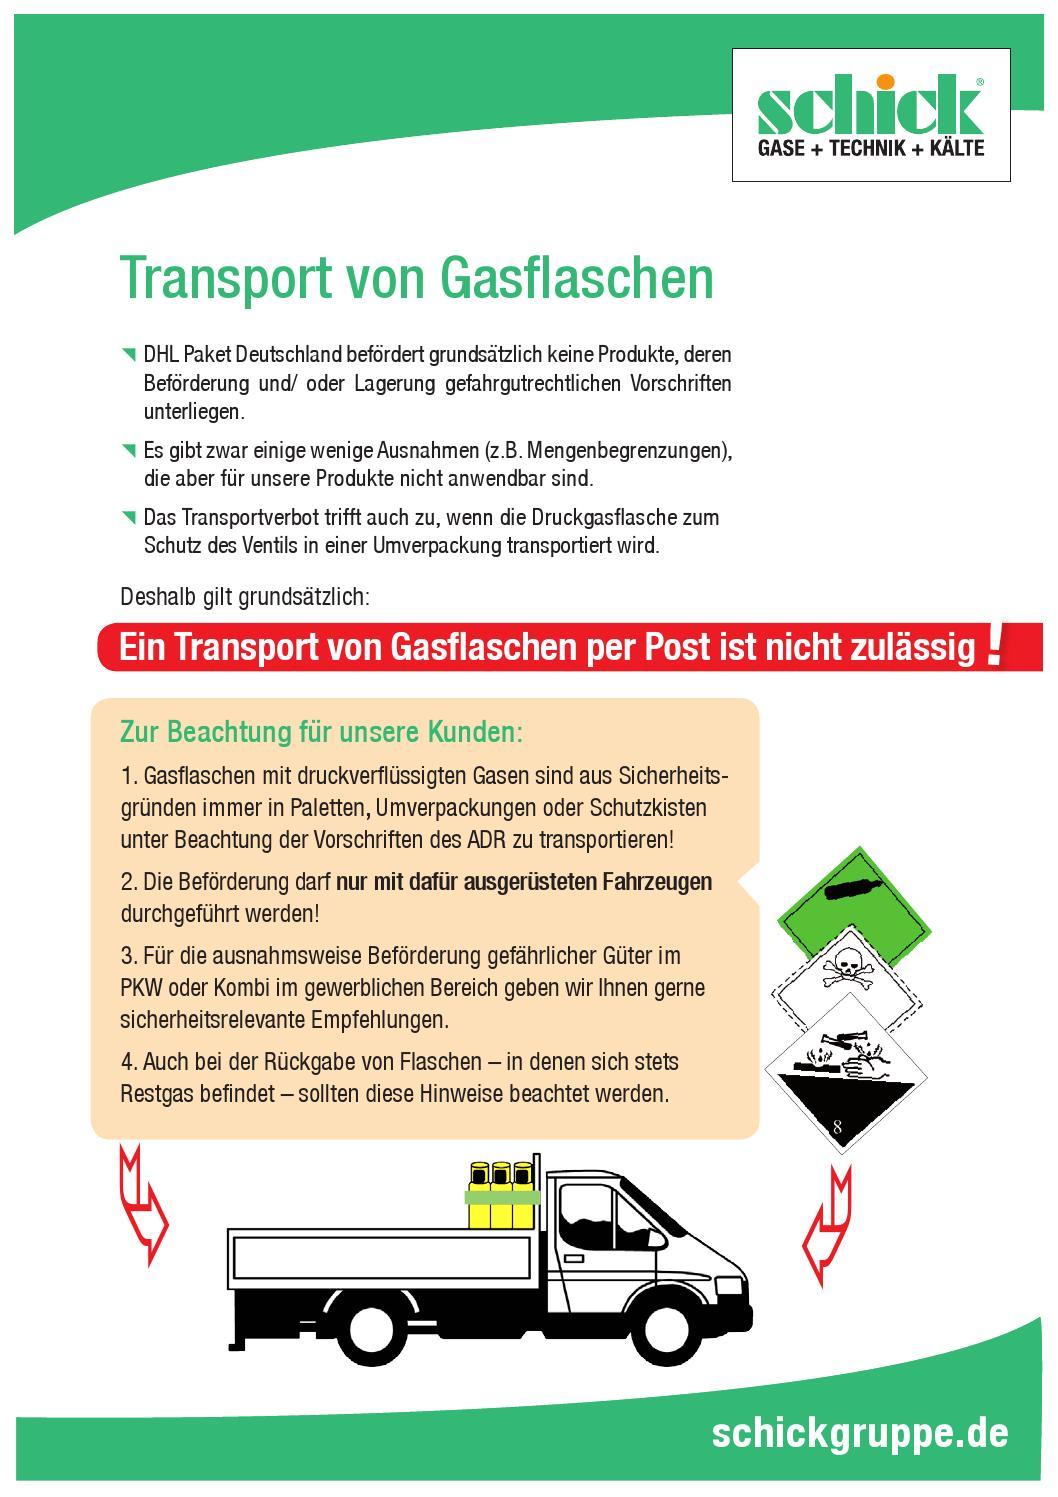 merkblatt transport von gasflaschen by schick gruppe issuu. Black Bedroom Furniture Sets. Home Design Ideas